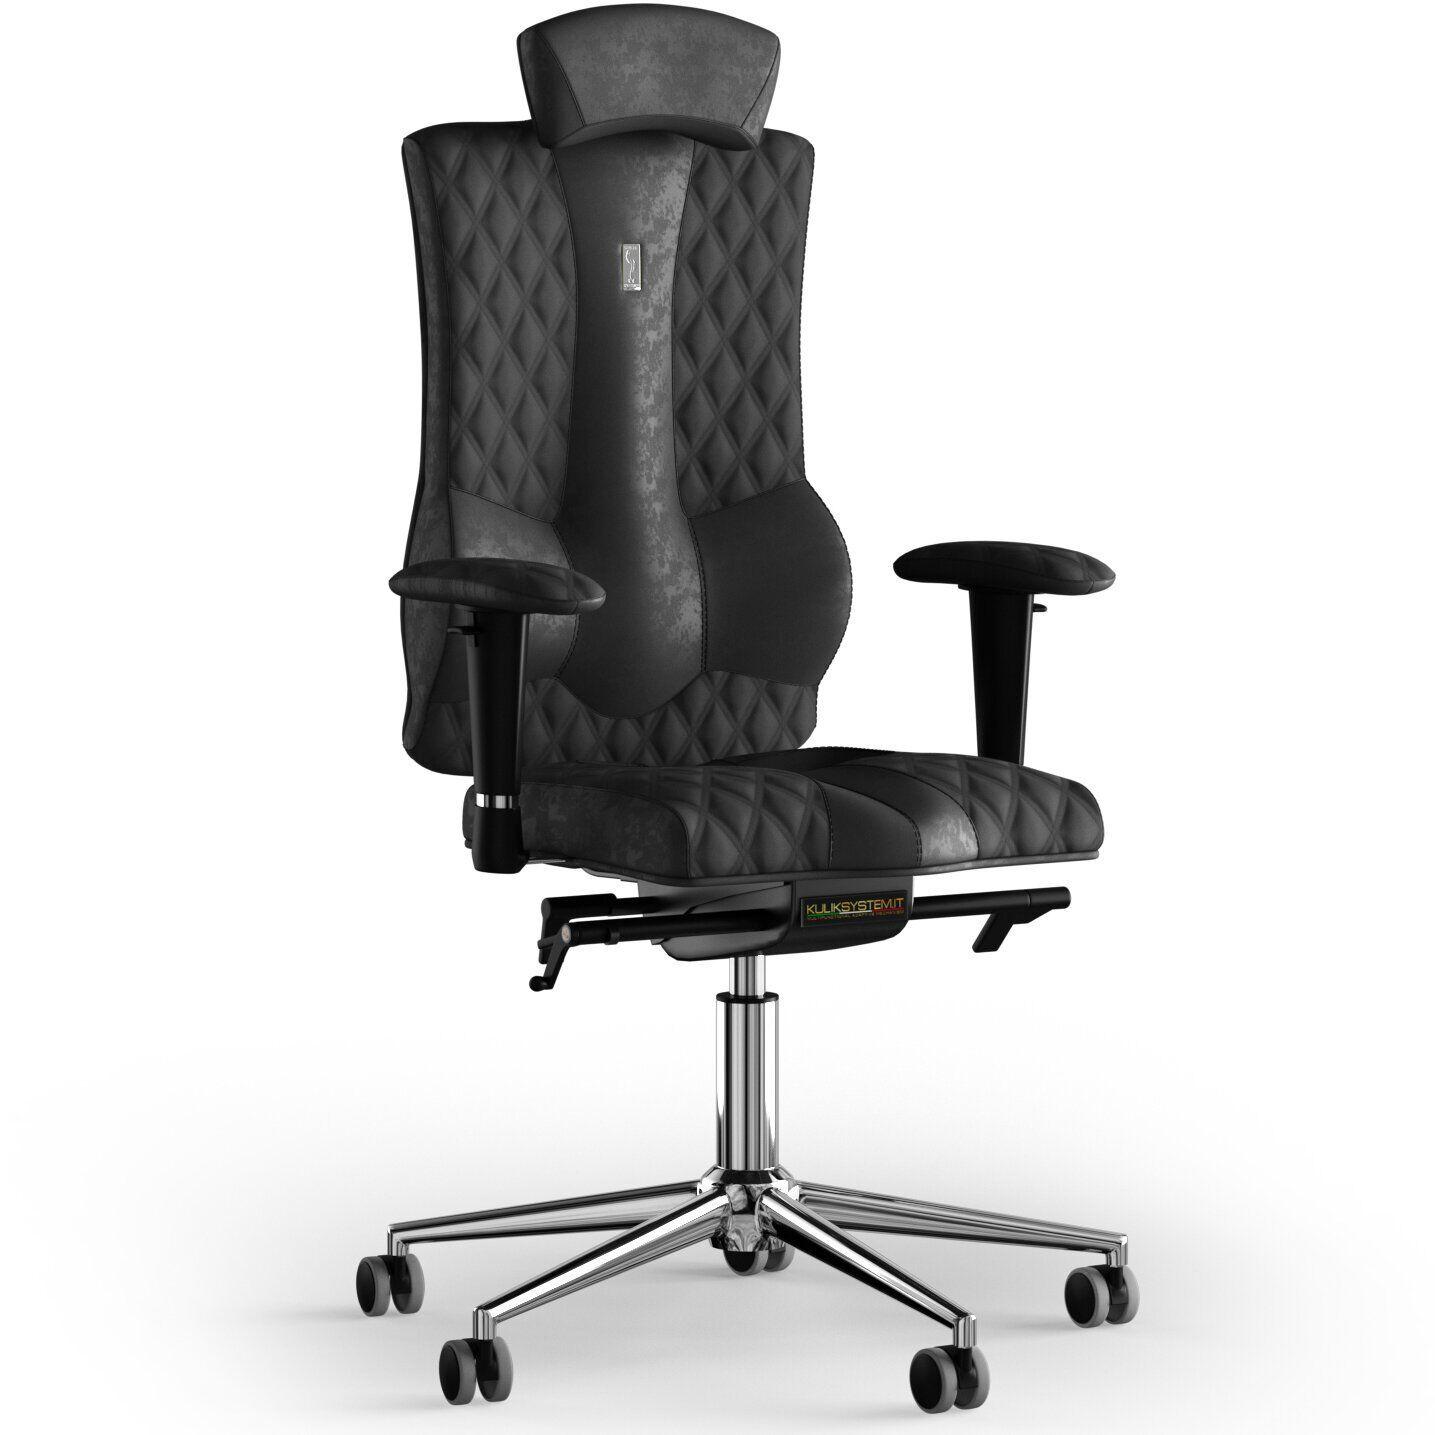 Кресло KULIK SYSTEM ELEGANCE Антара с подголовником со строчкой